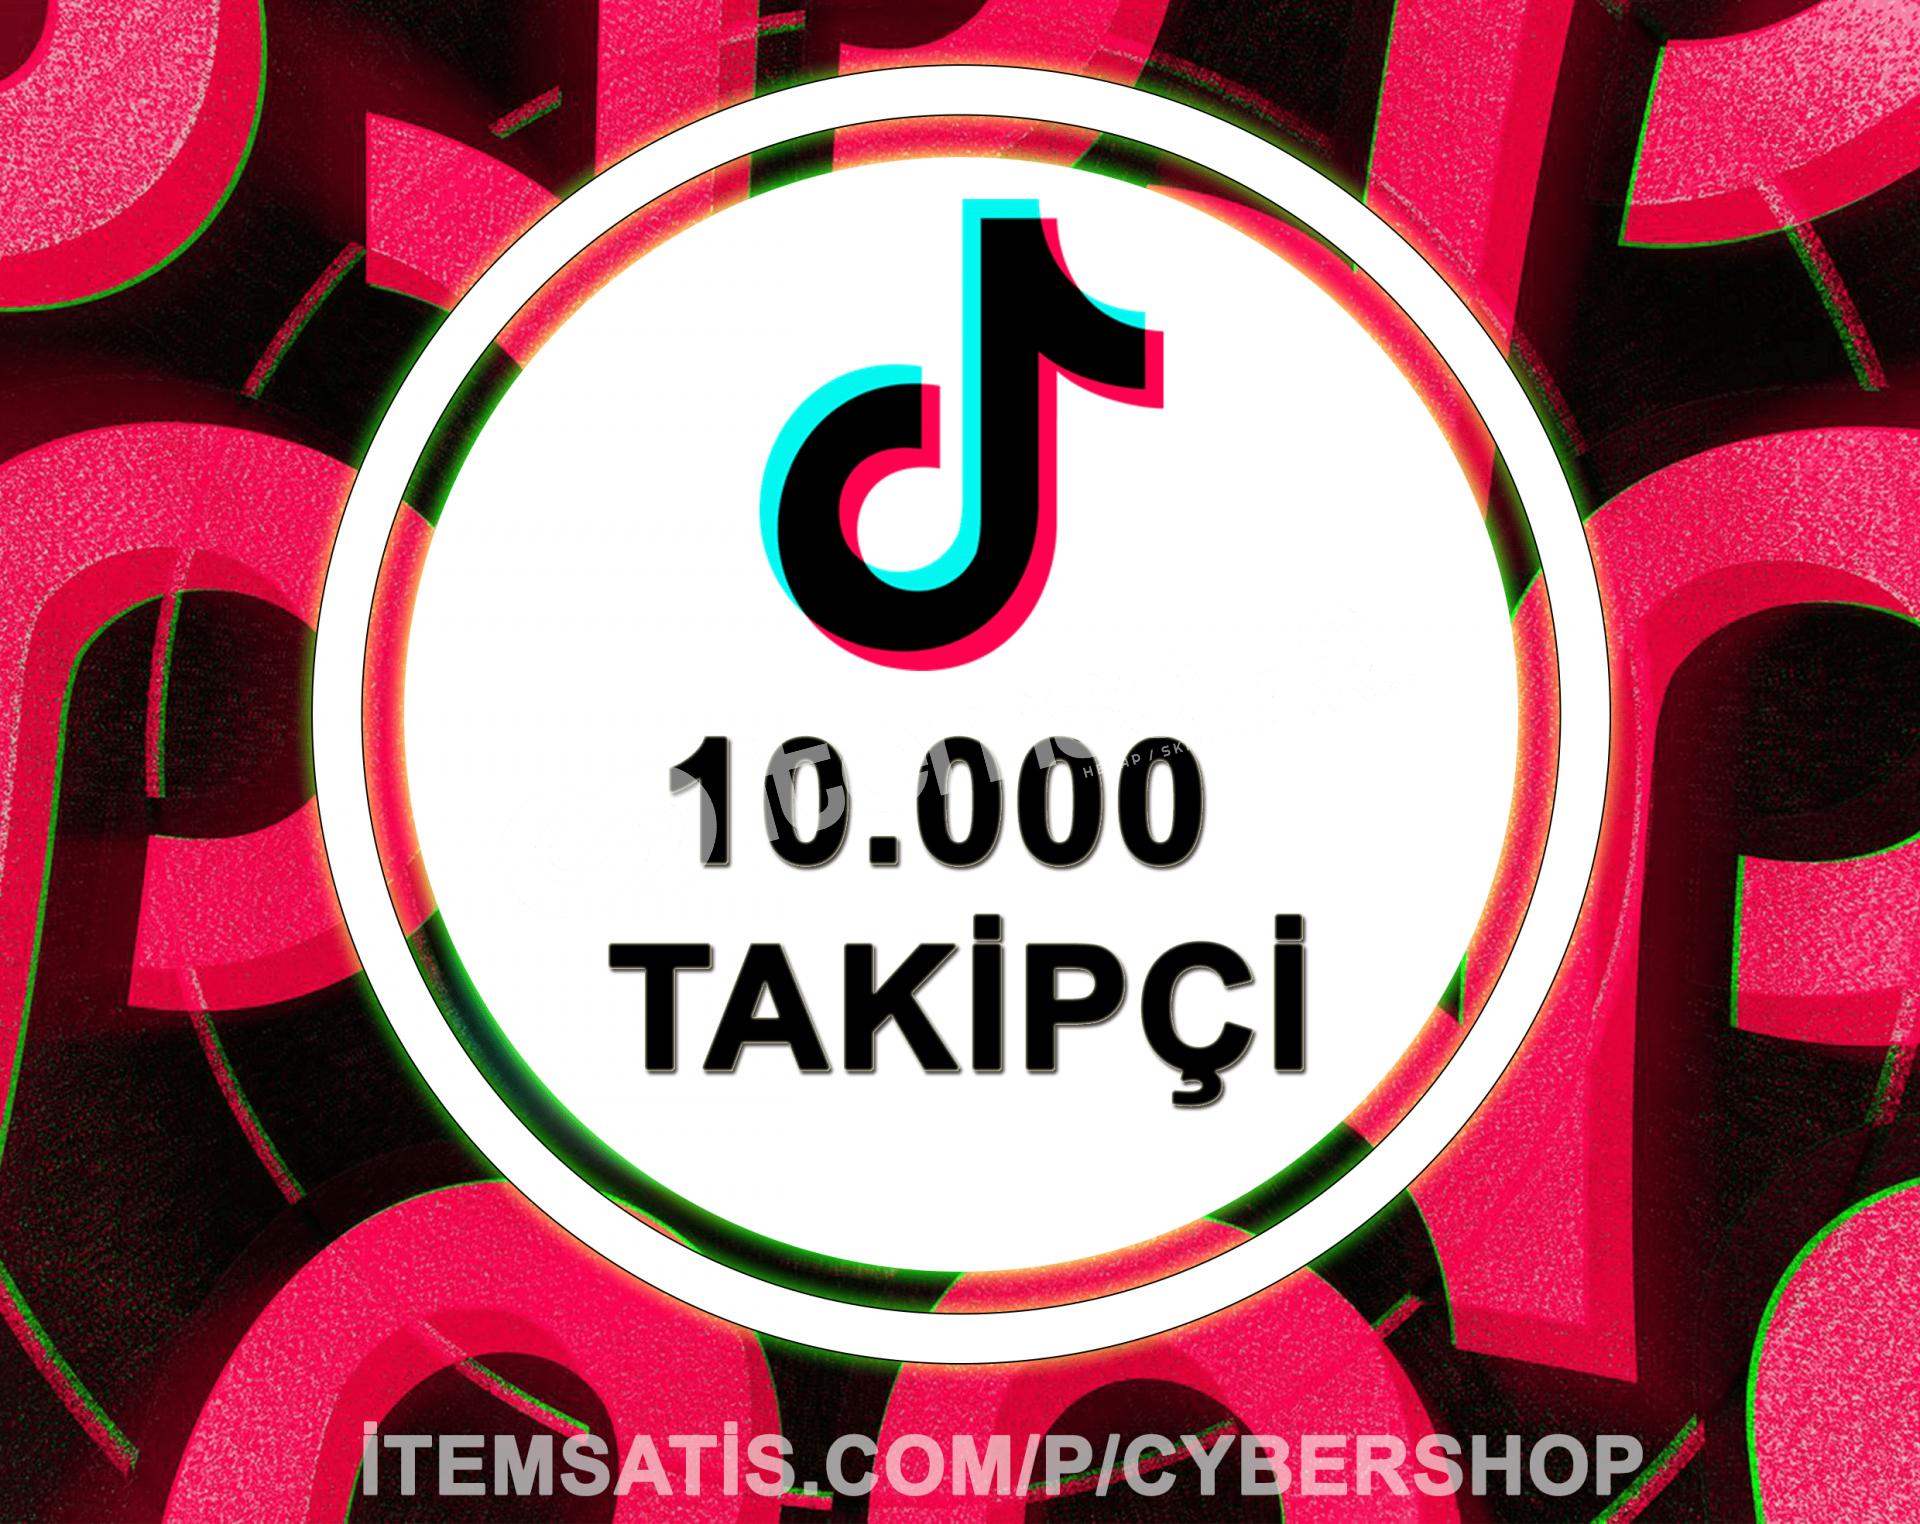 TikTok 10000 Takipçi Paketi (%10 İndirim)